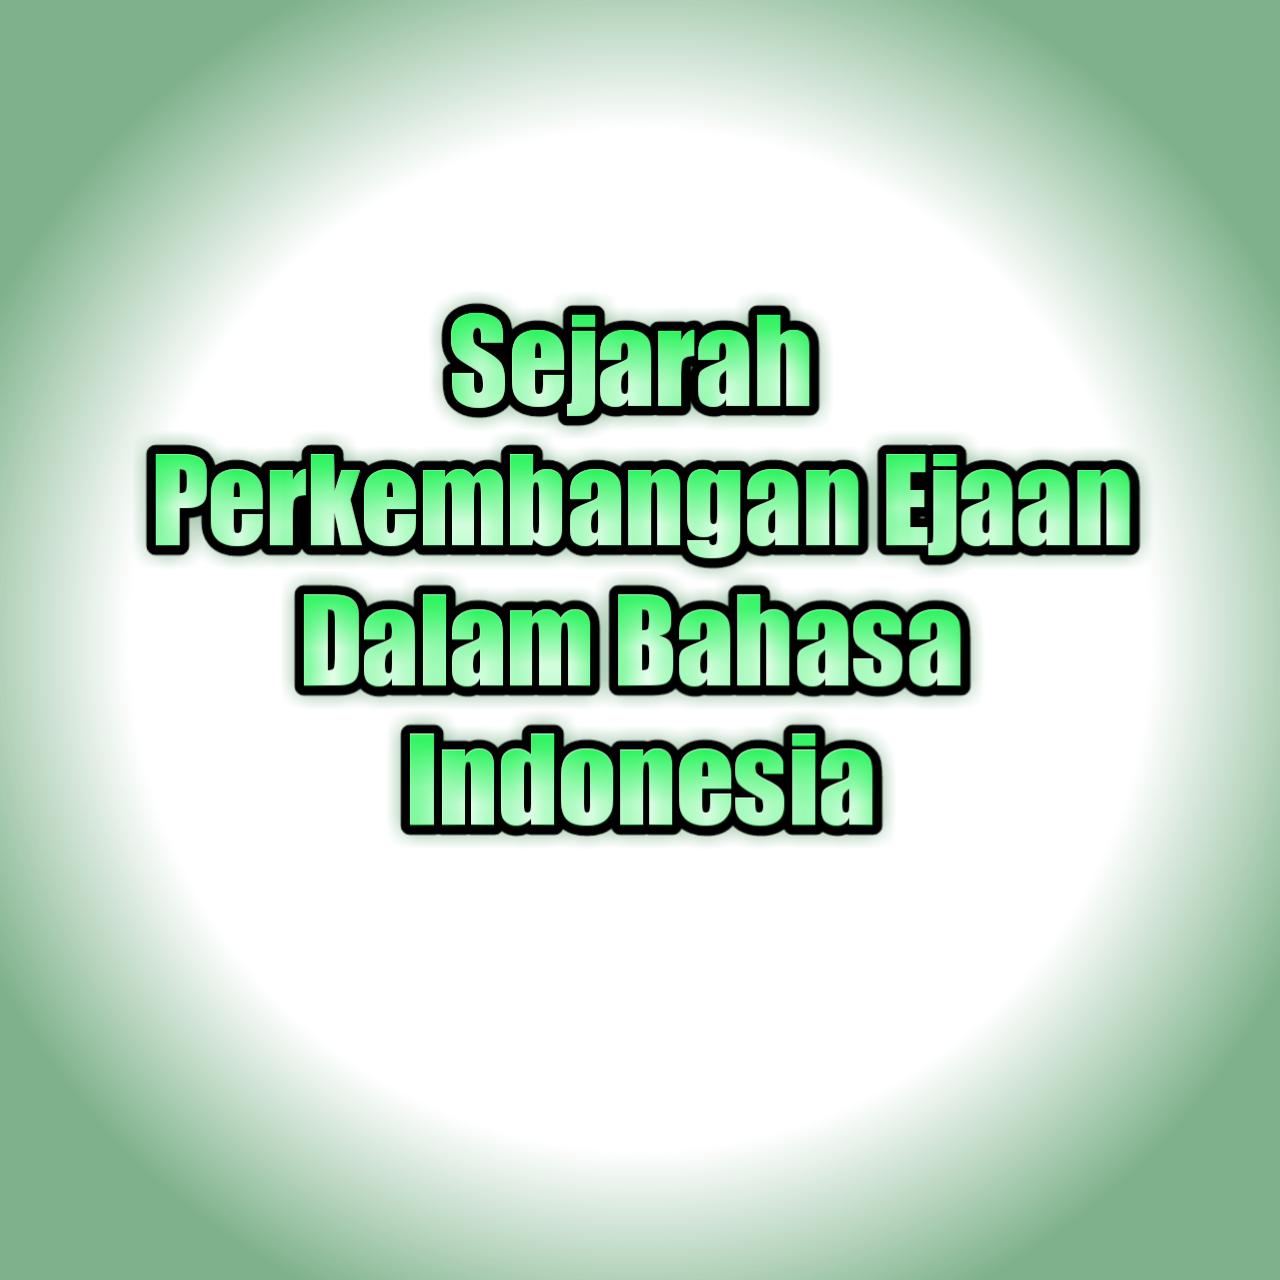 Fathur Rohman Sejarah Perkembangan Ejaan Dalam Bahasa Indonesia